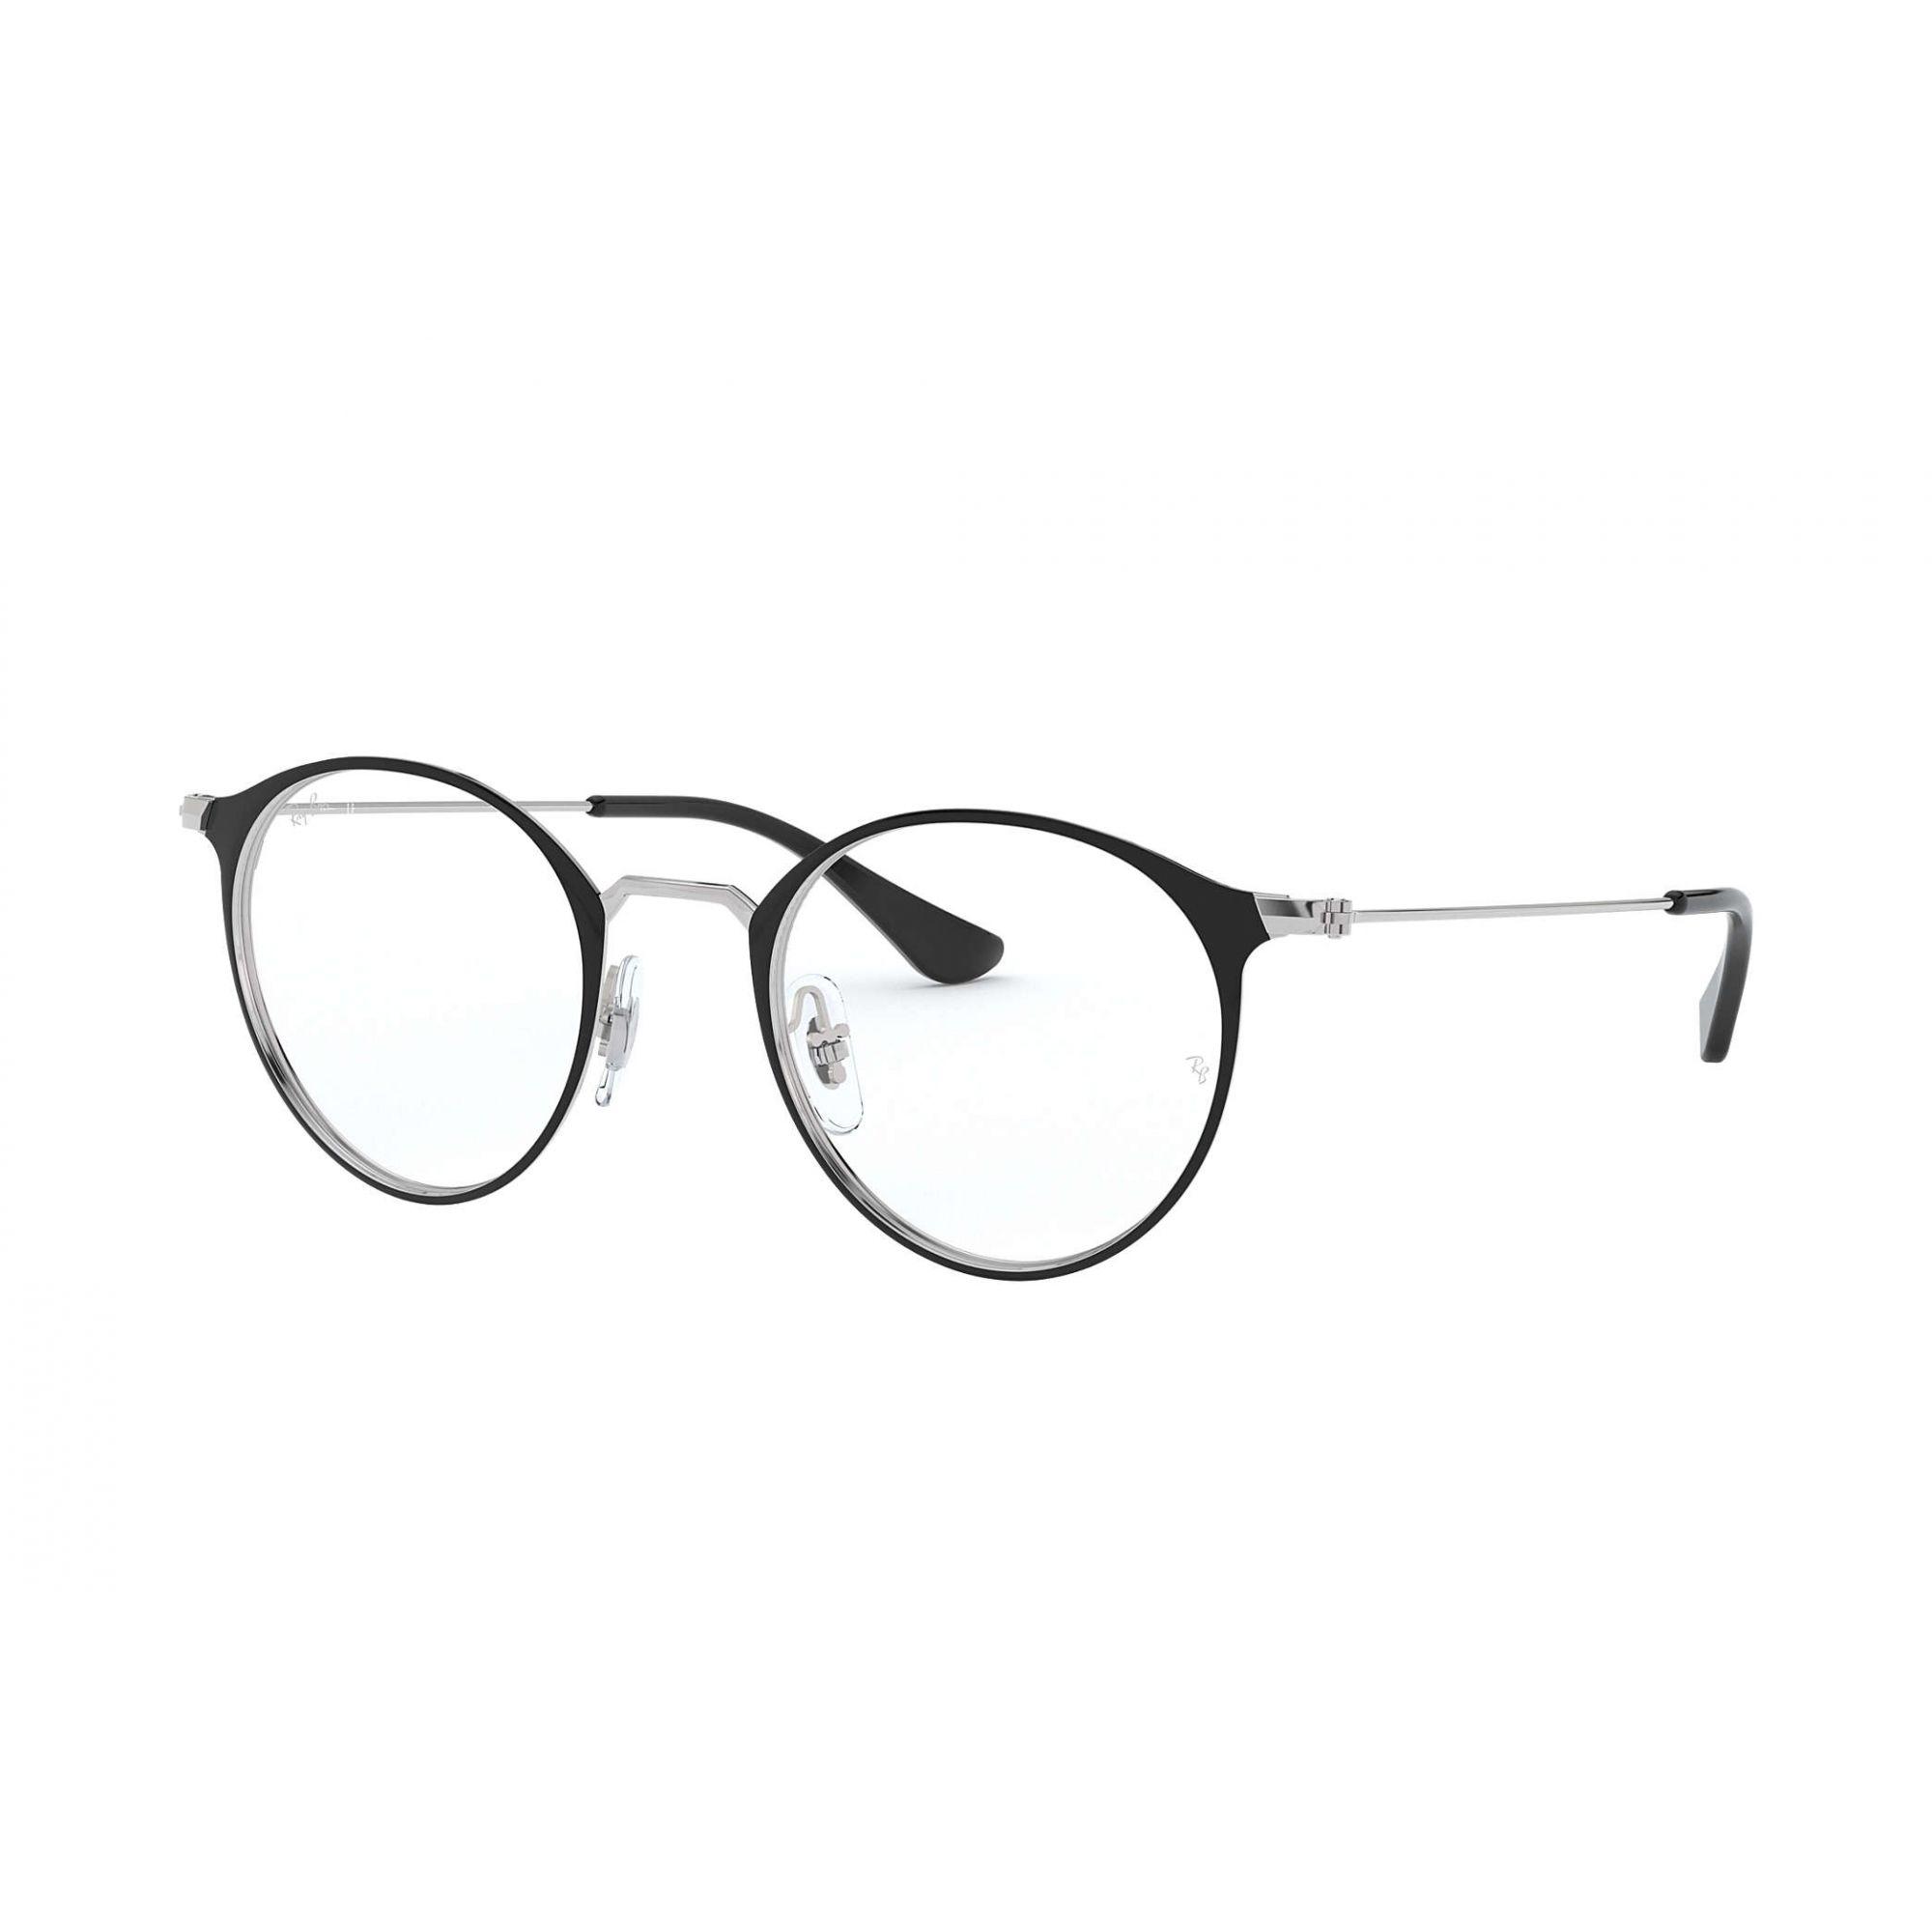 Ray Ban - RB6378 2861 - Óculos de grau